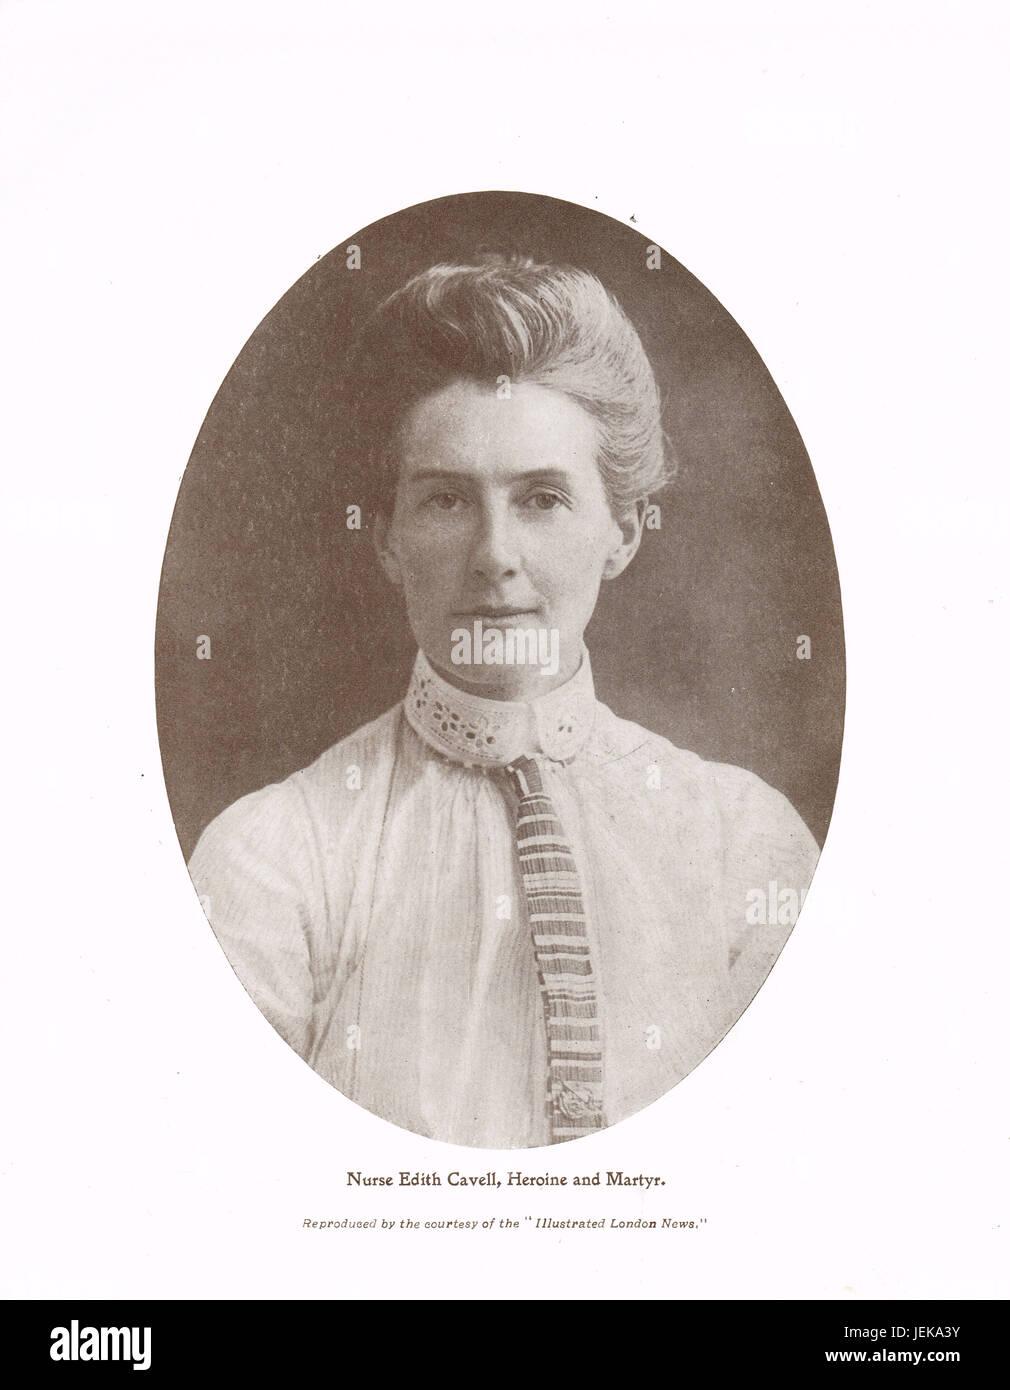 Nurse Edith Cavell Heroine and Martyr Stock Photo